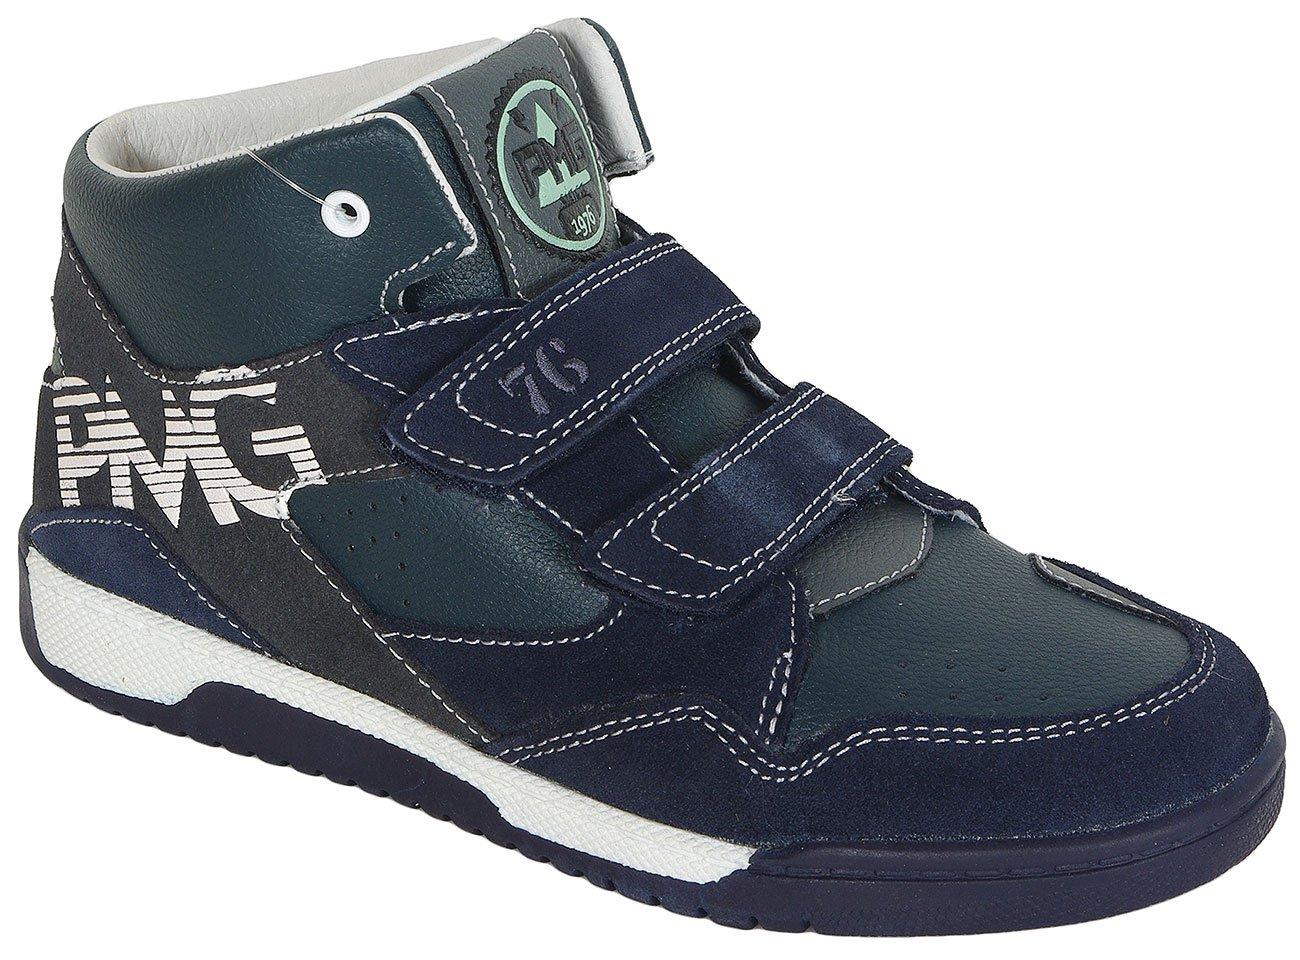 Primigi Basket Neo Suede/Nappa PU Navy sneakers